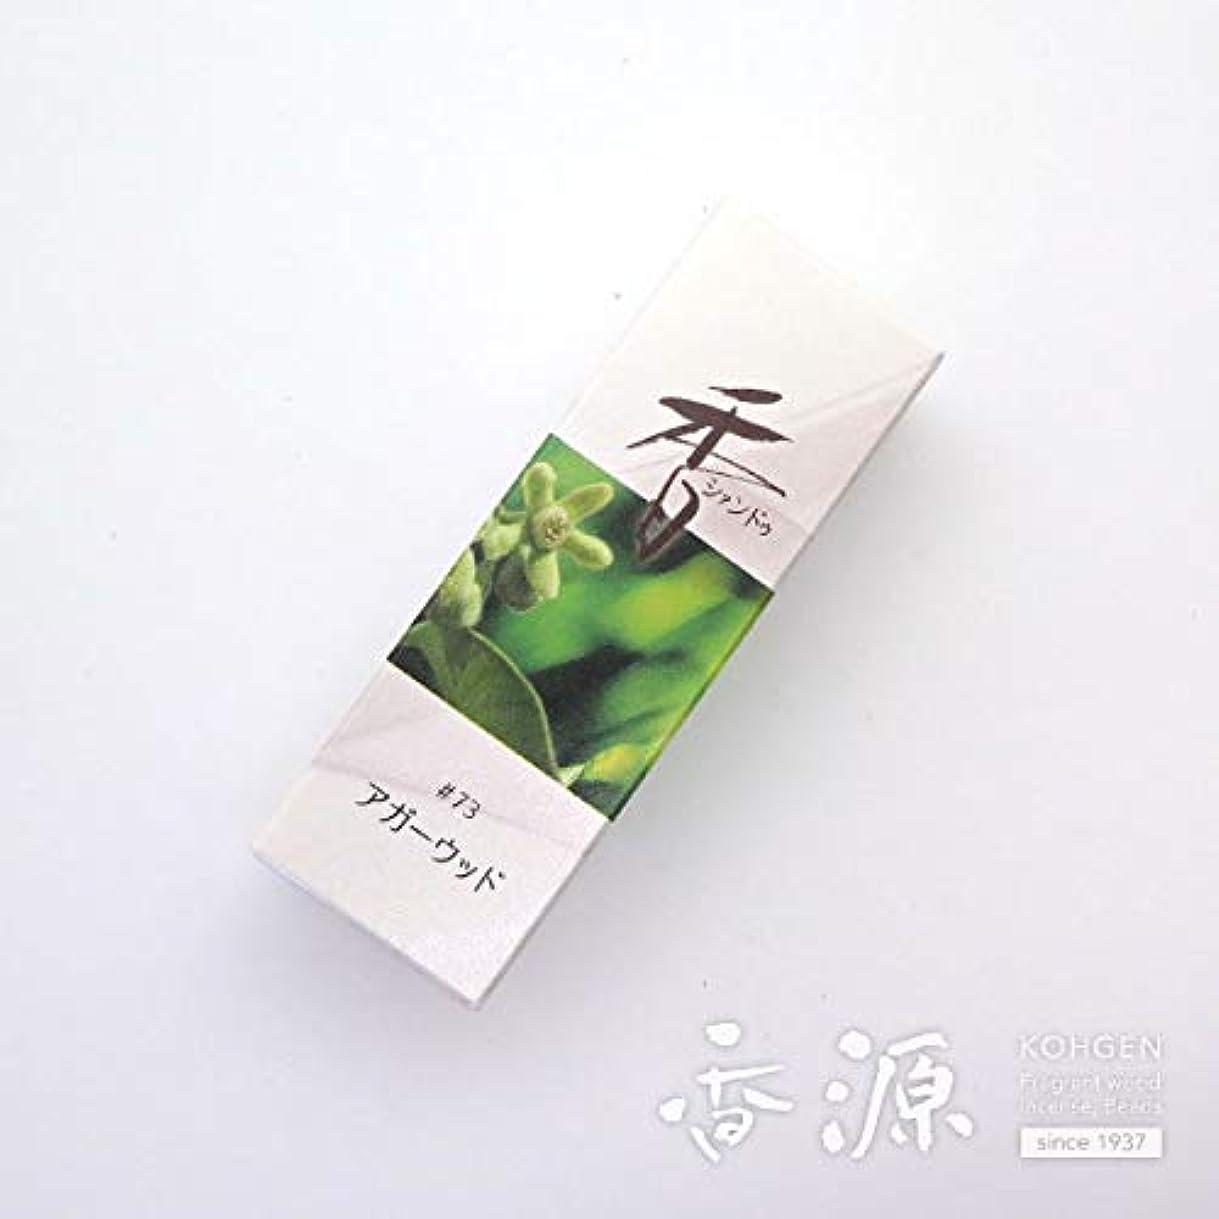 服雄弁プリーツ松栄堂のお香 Xiang Do(シャンドゥ) アガーウッド ST20本入 簡易香立付 #214273